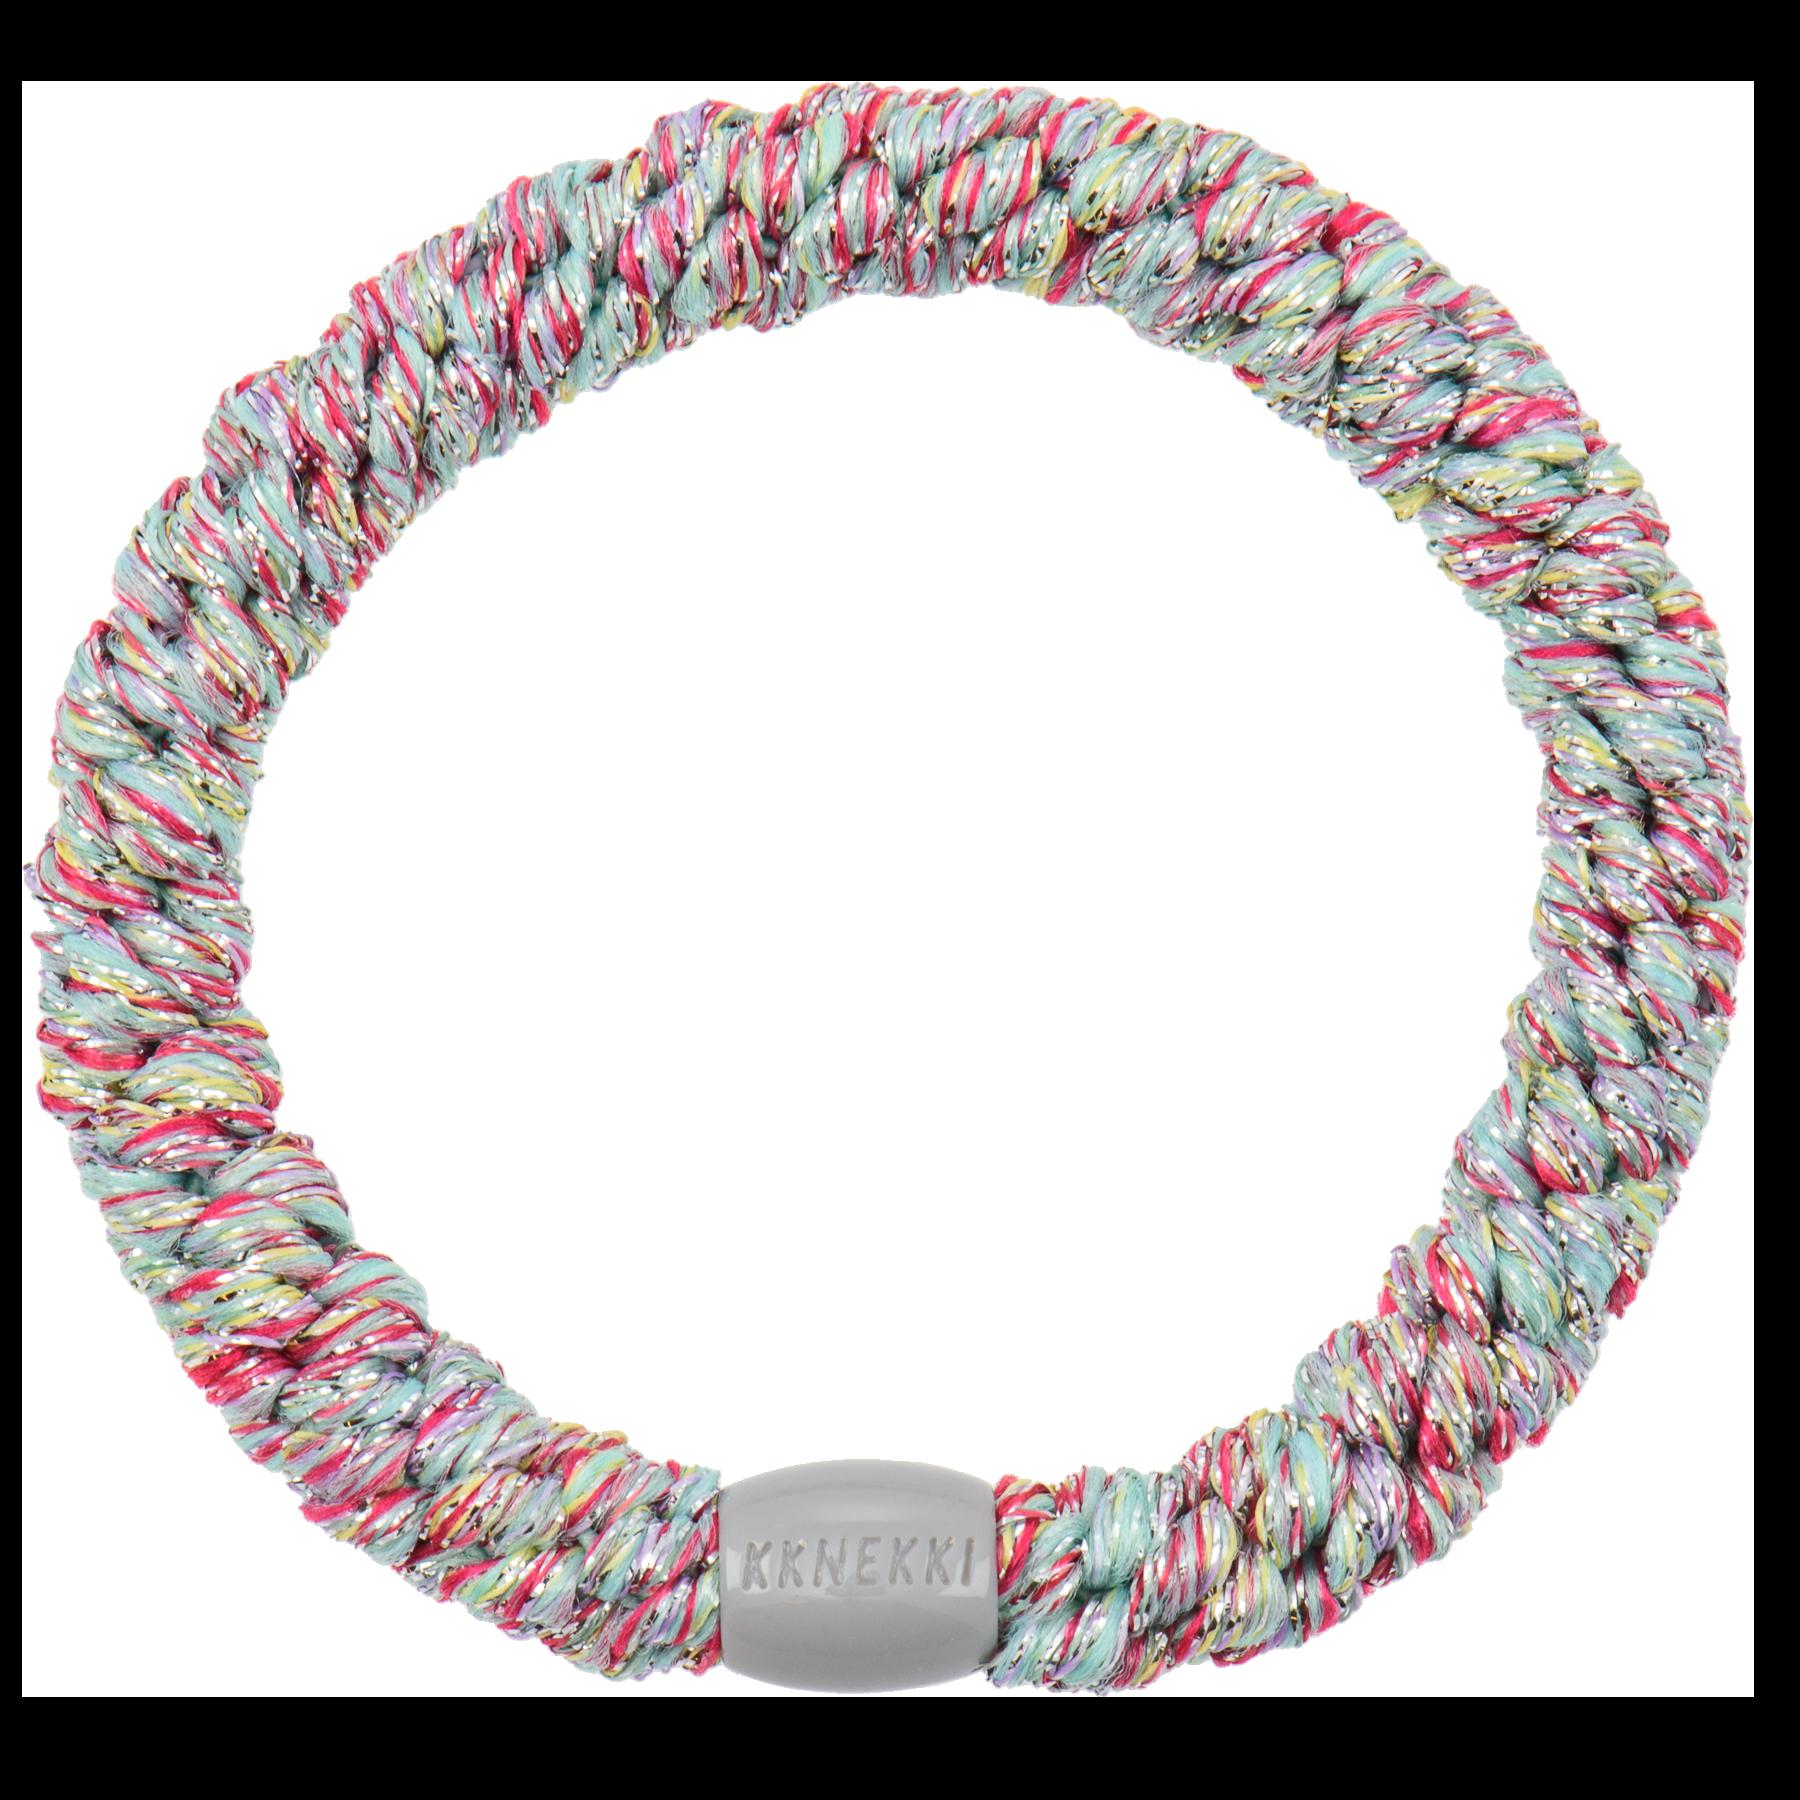 Haargummi / Armband - Rainbow Glitter 53477 - KKNEKKI